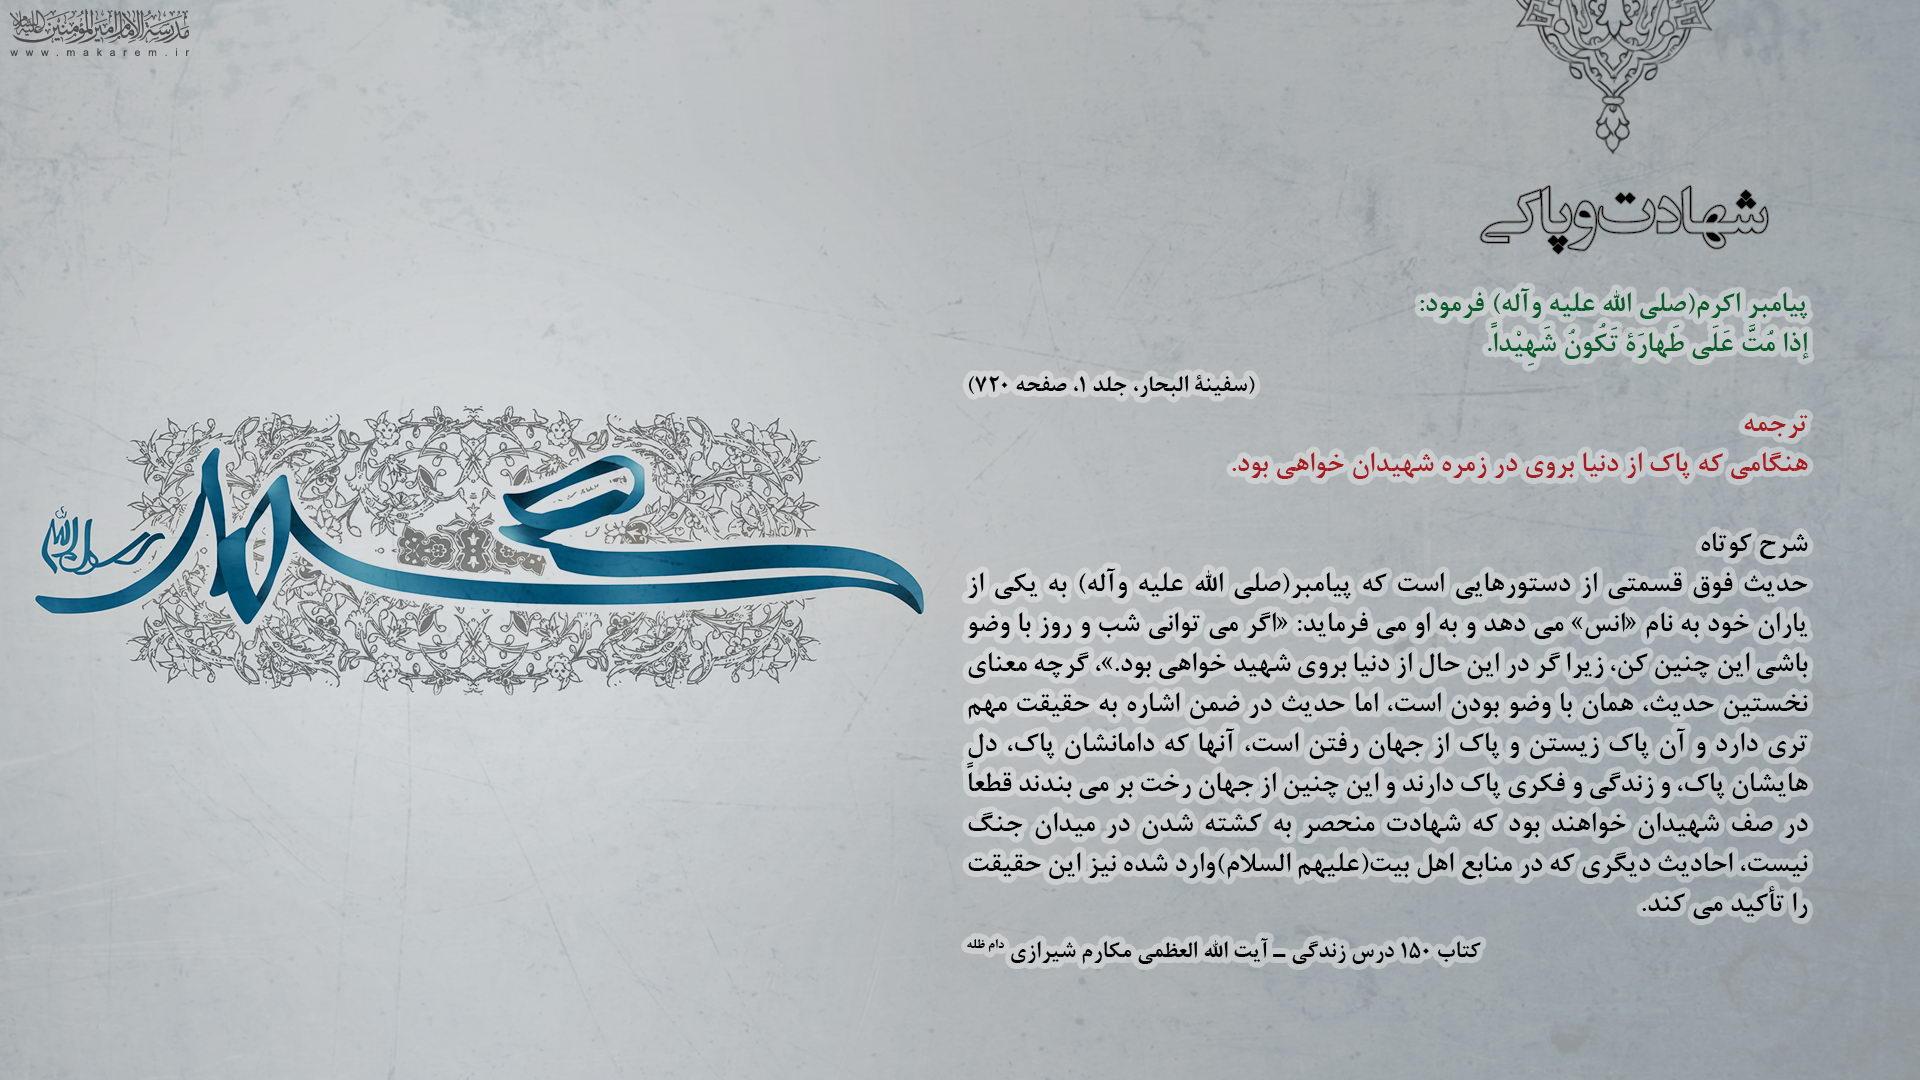 شهادت و پاکی-مدرسه الامام امیر المومنین (ع)